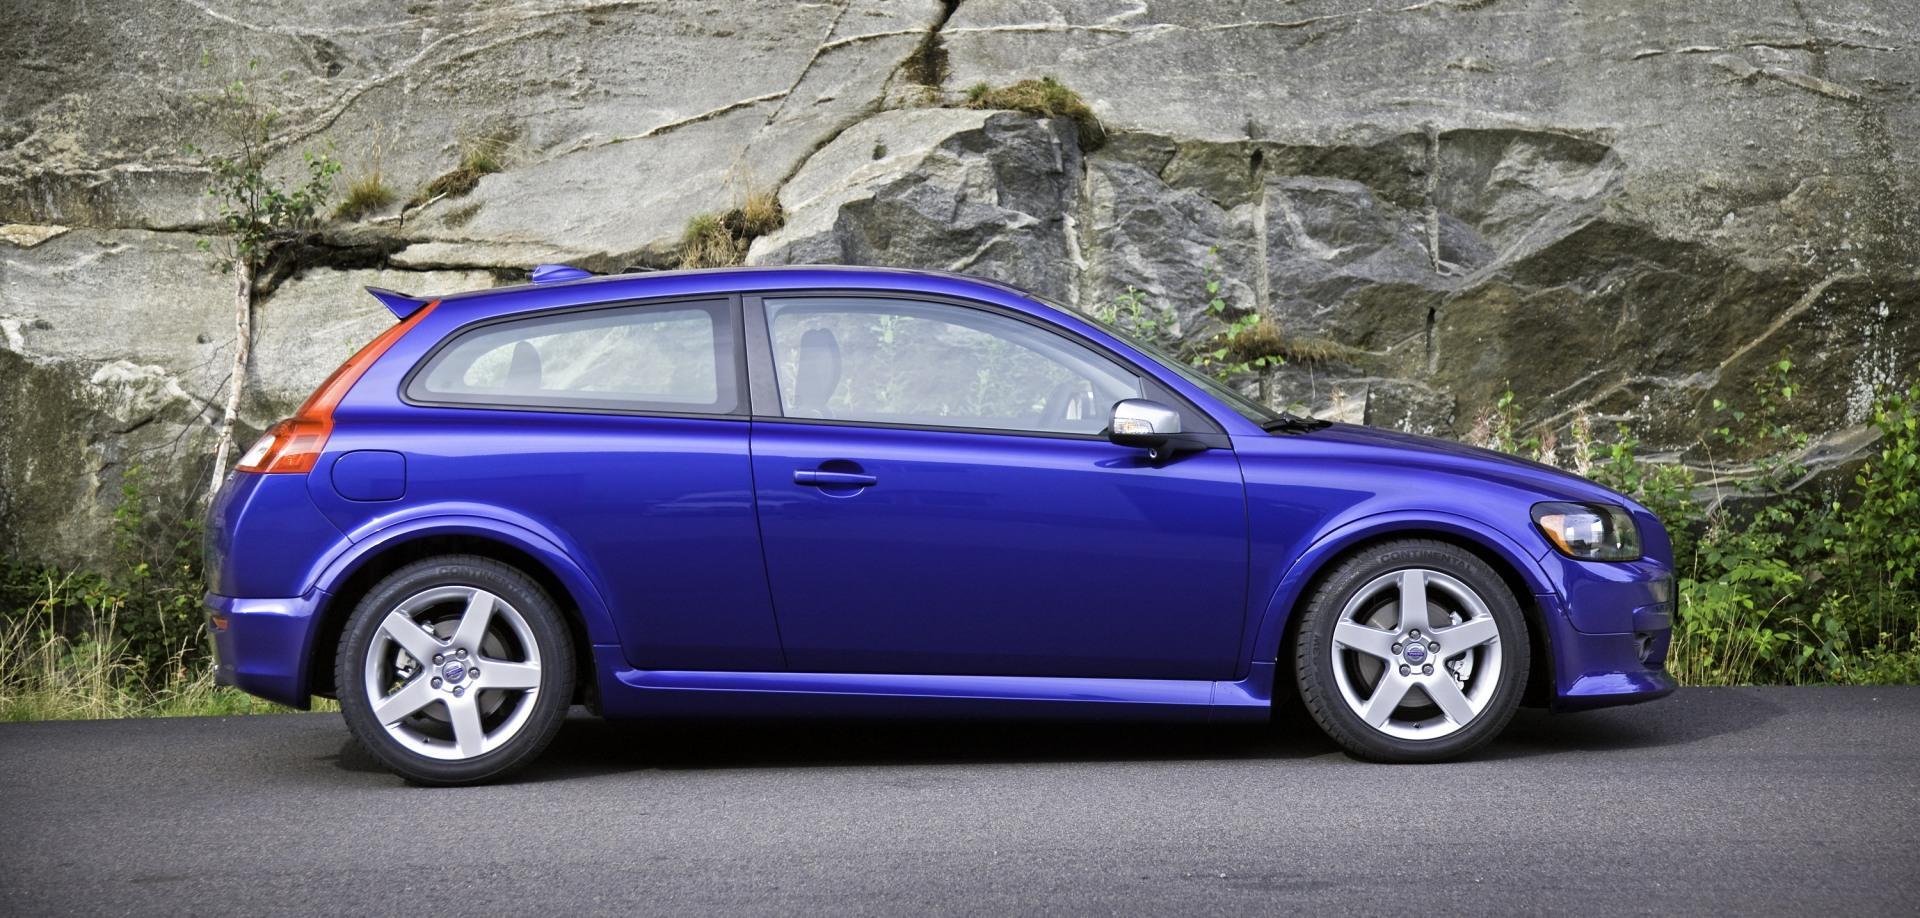 2010 Volvo C30 News and Information | conceptcarz.com